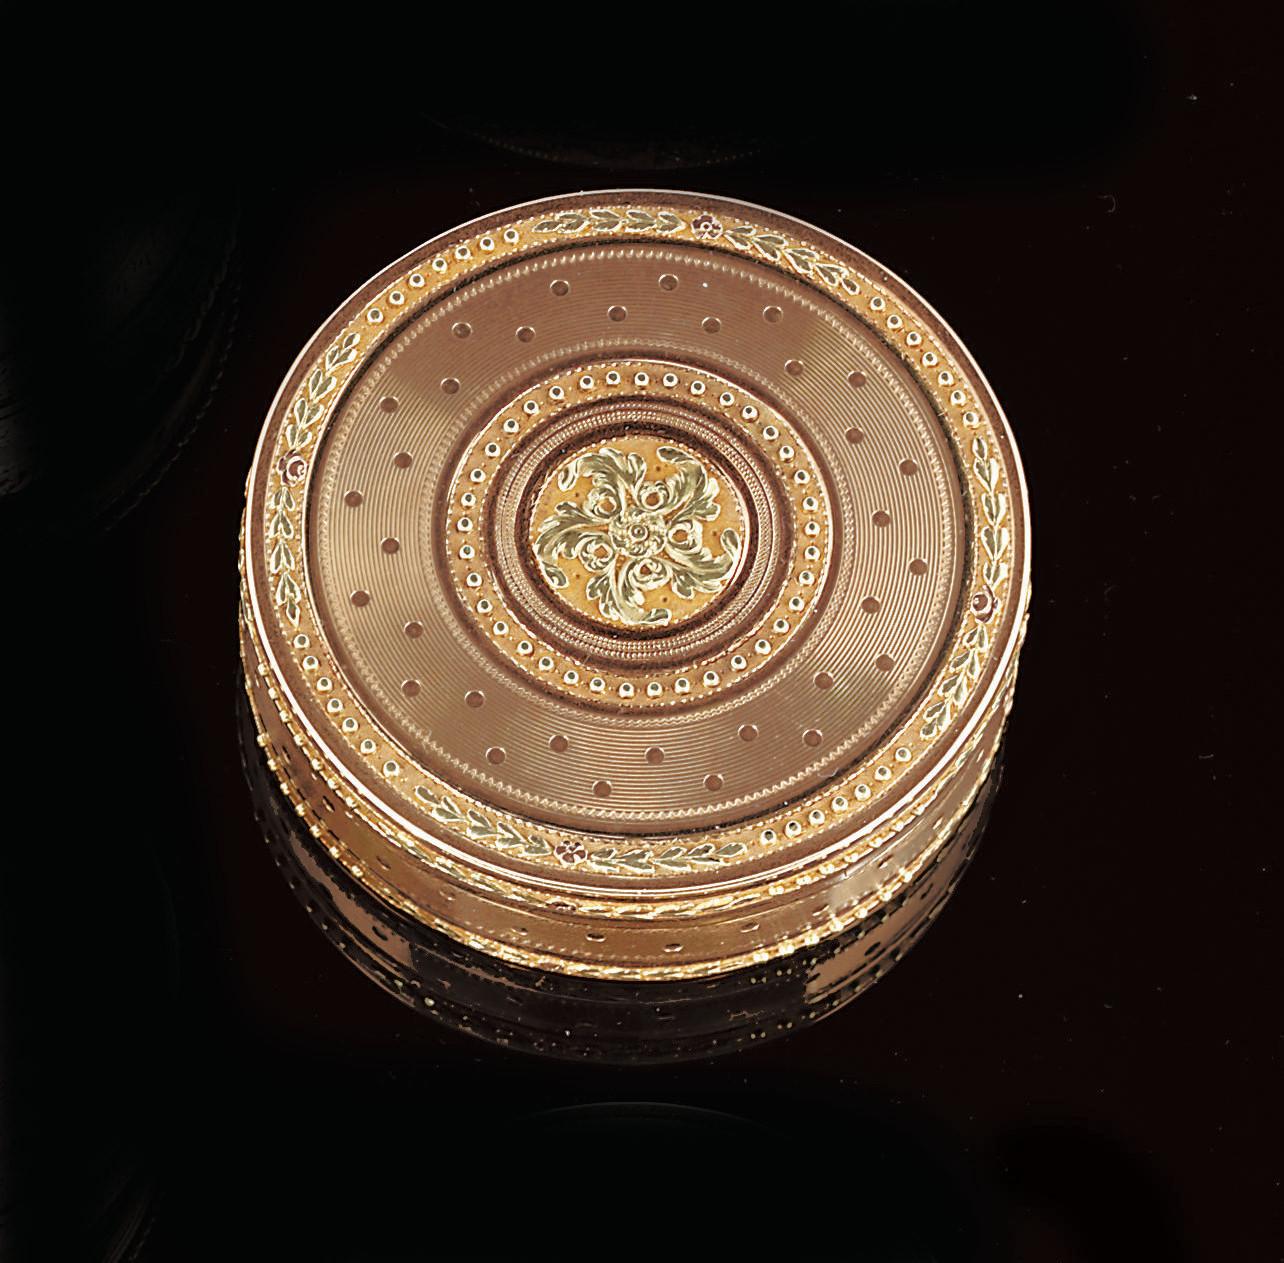 A LOUIS XVI TWO-COLOUR GOLD BONBONNIÈRE